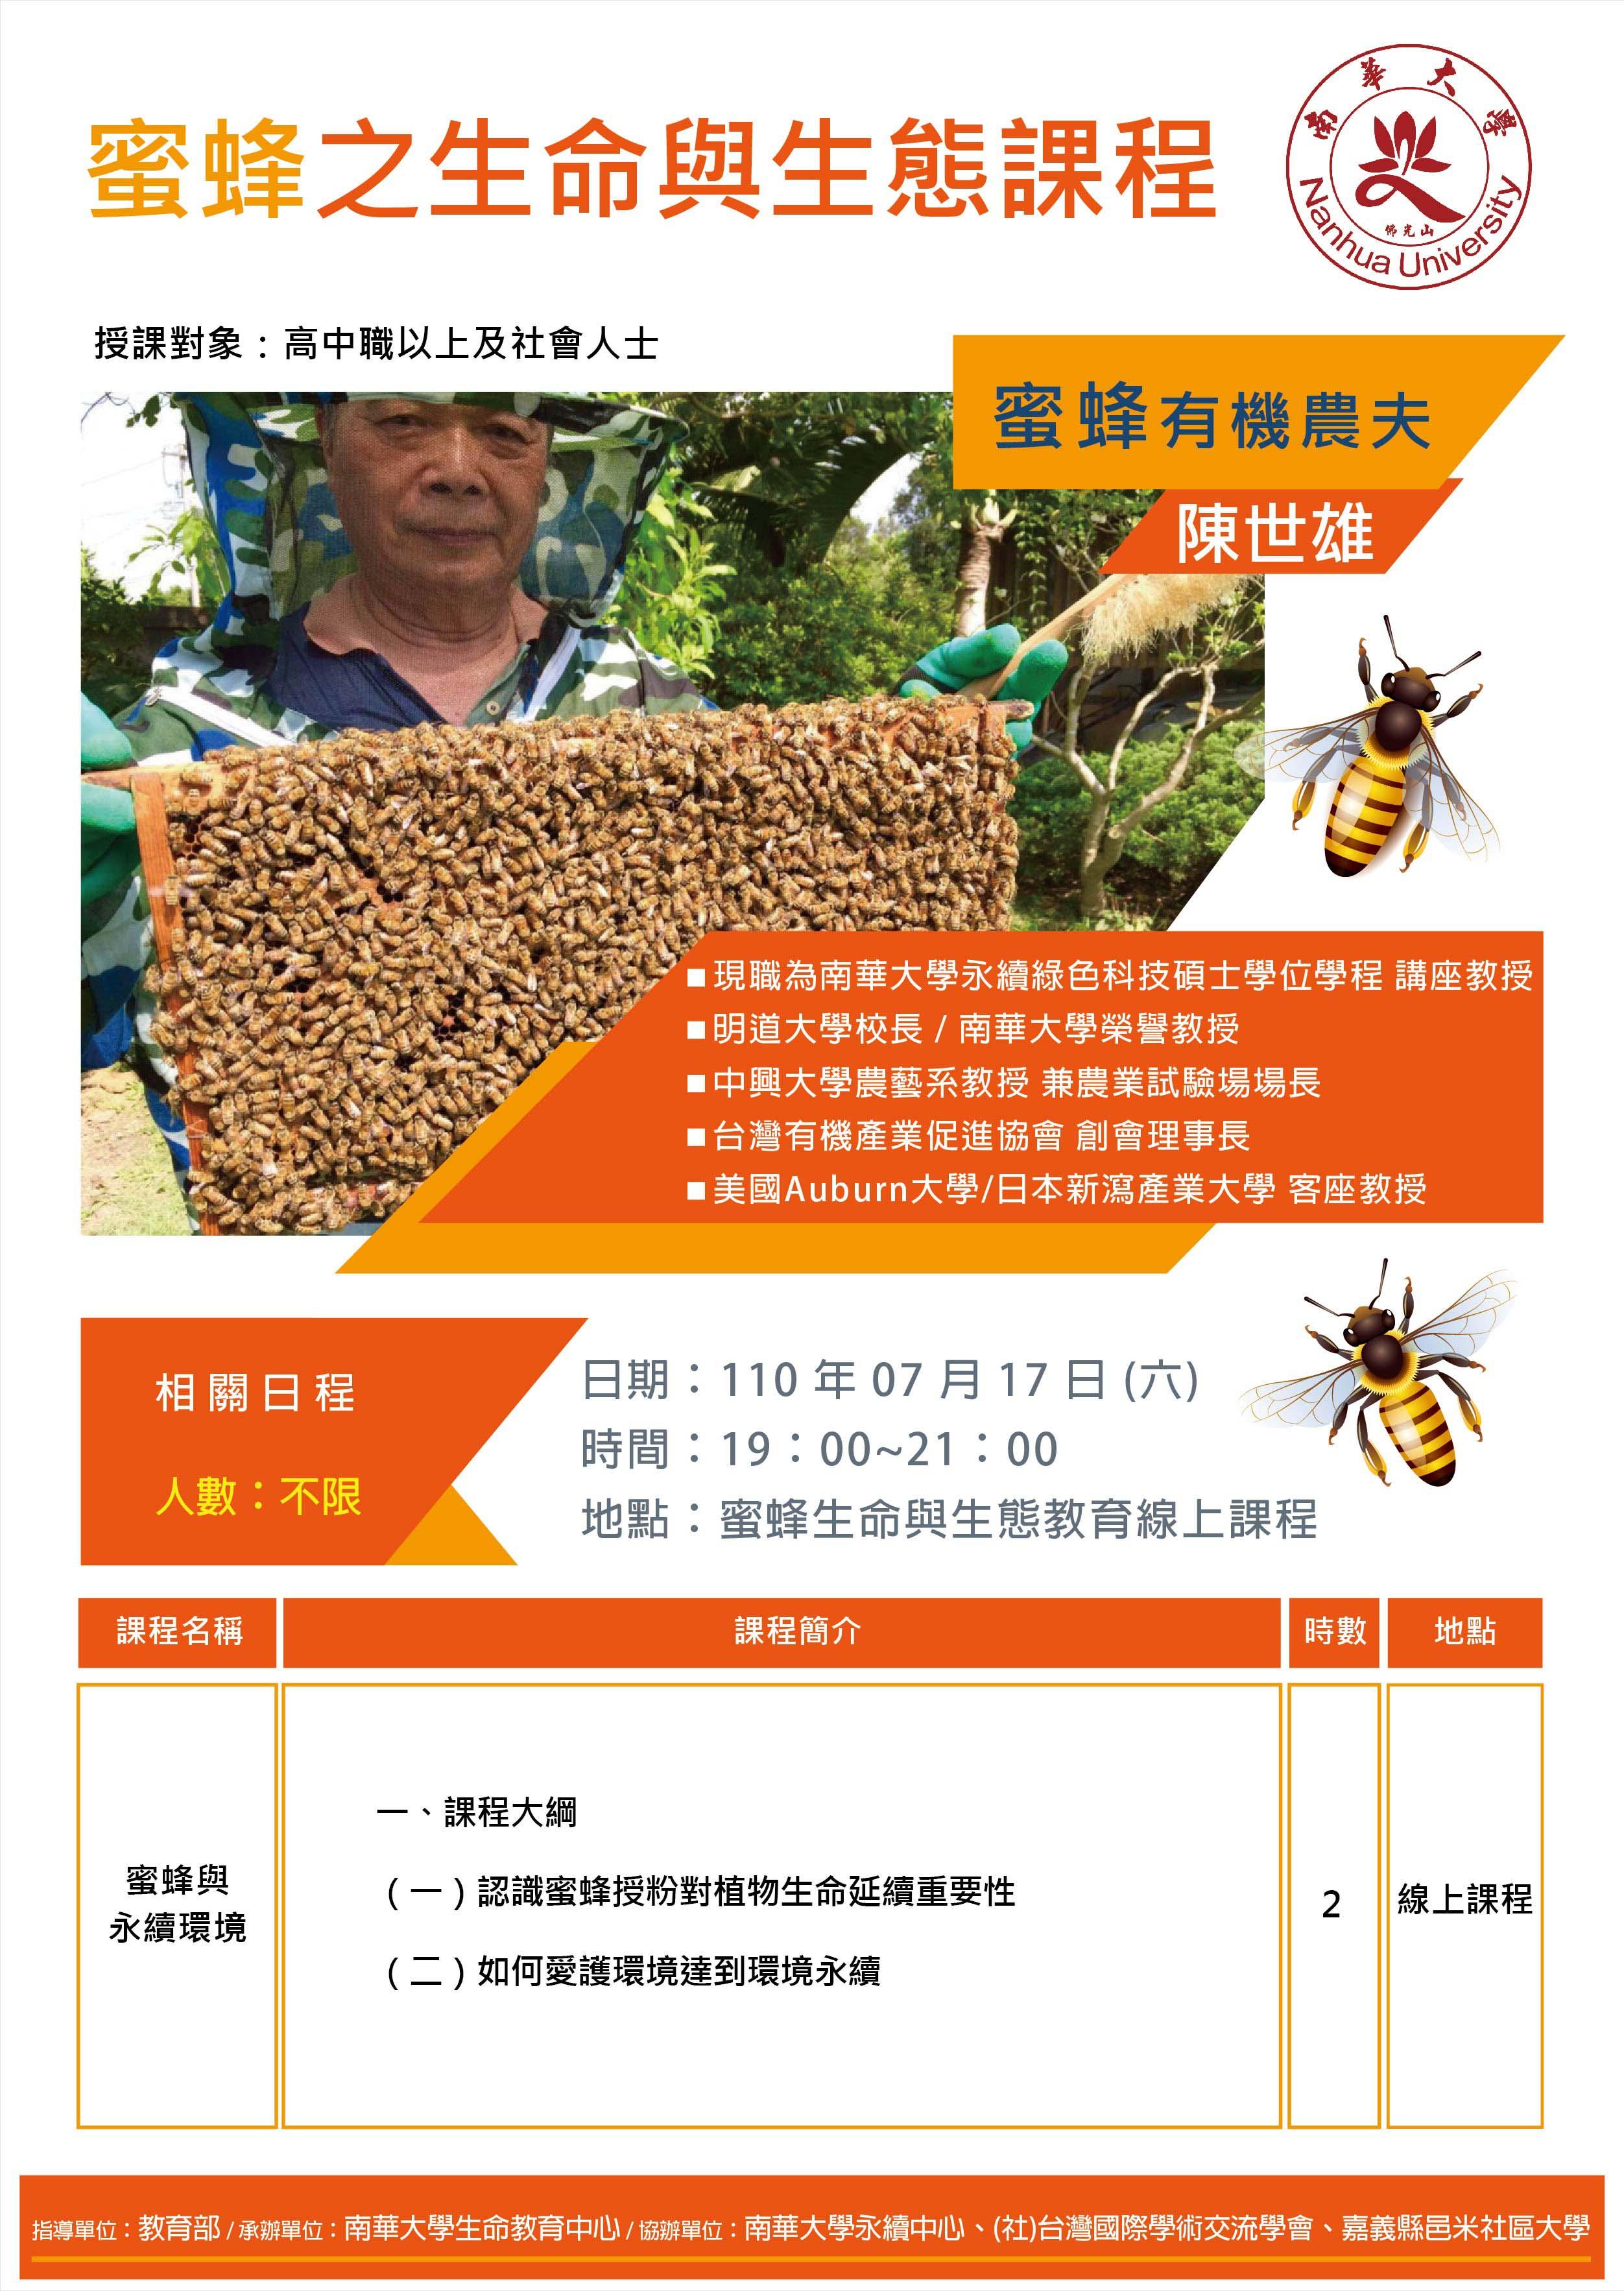 南華大學蜜蜂之生命與生態課程線上免費課程